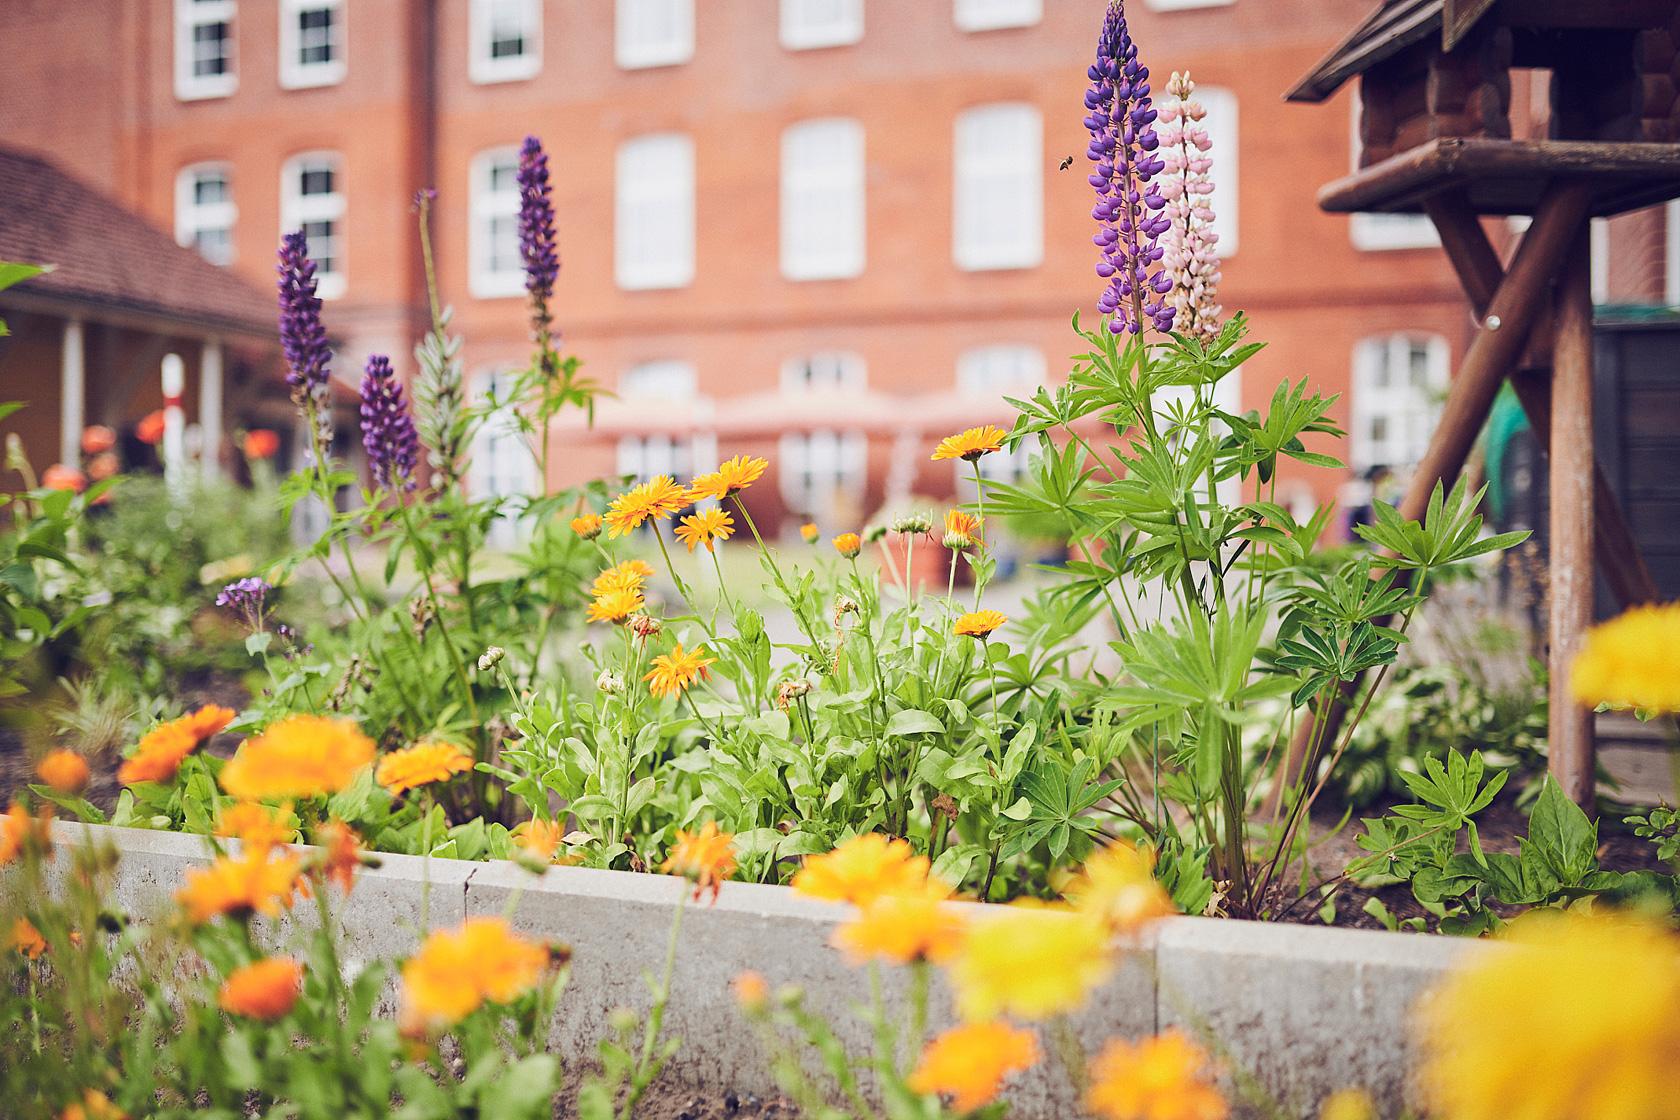 Blumenbeet mit der Seniorenresidenz im Hintergrund der Seniorenresidenz Lindenpark